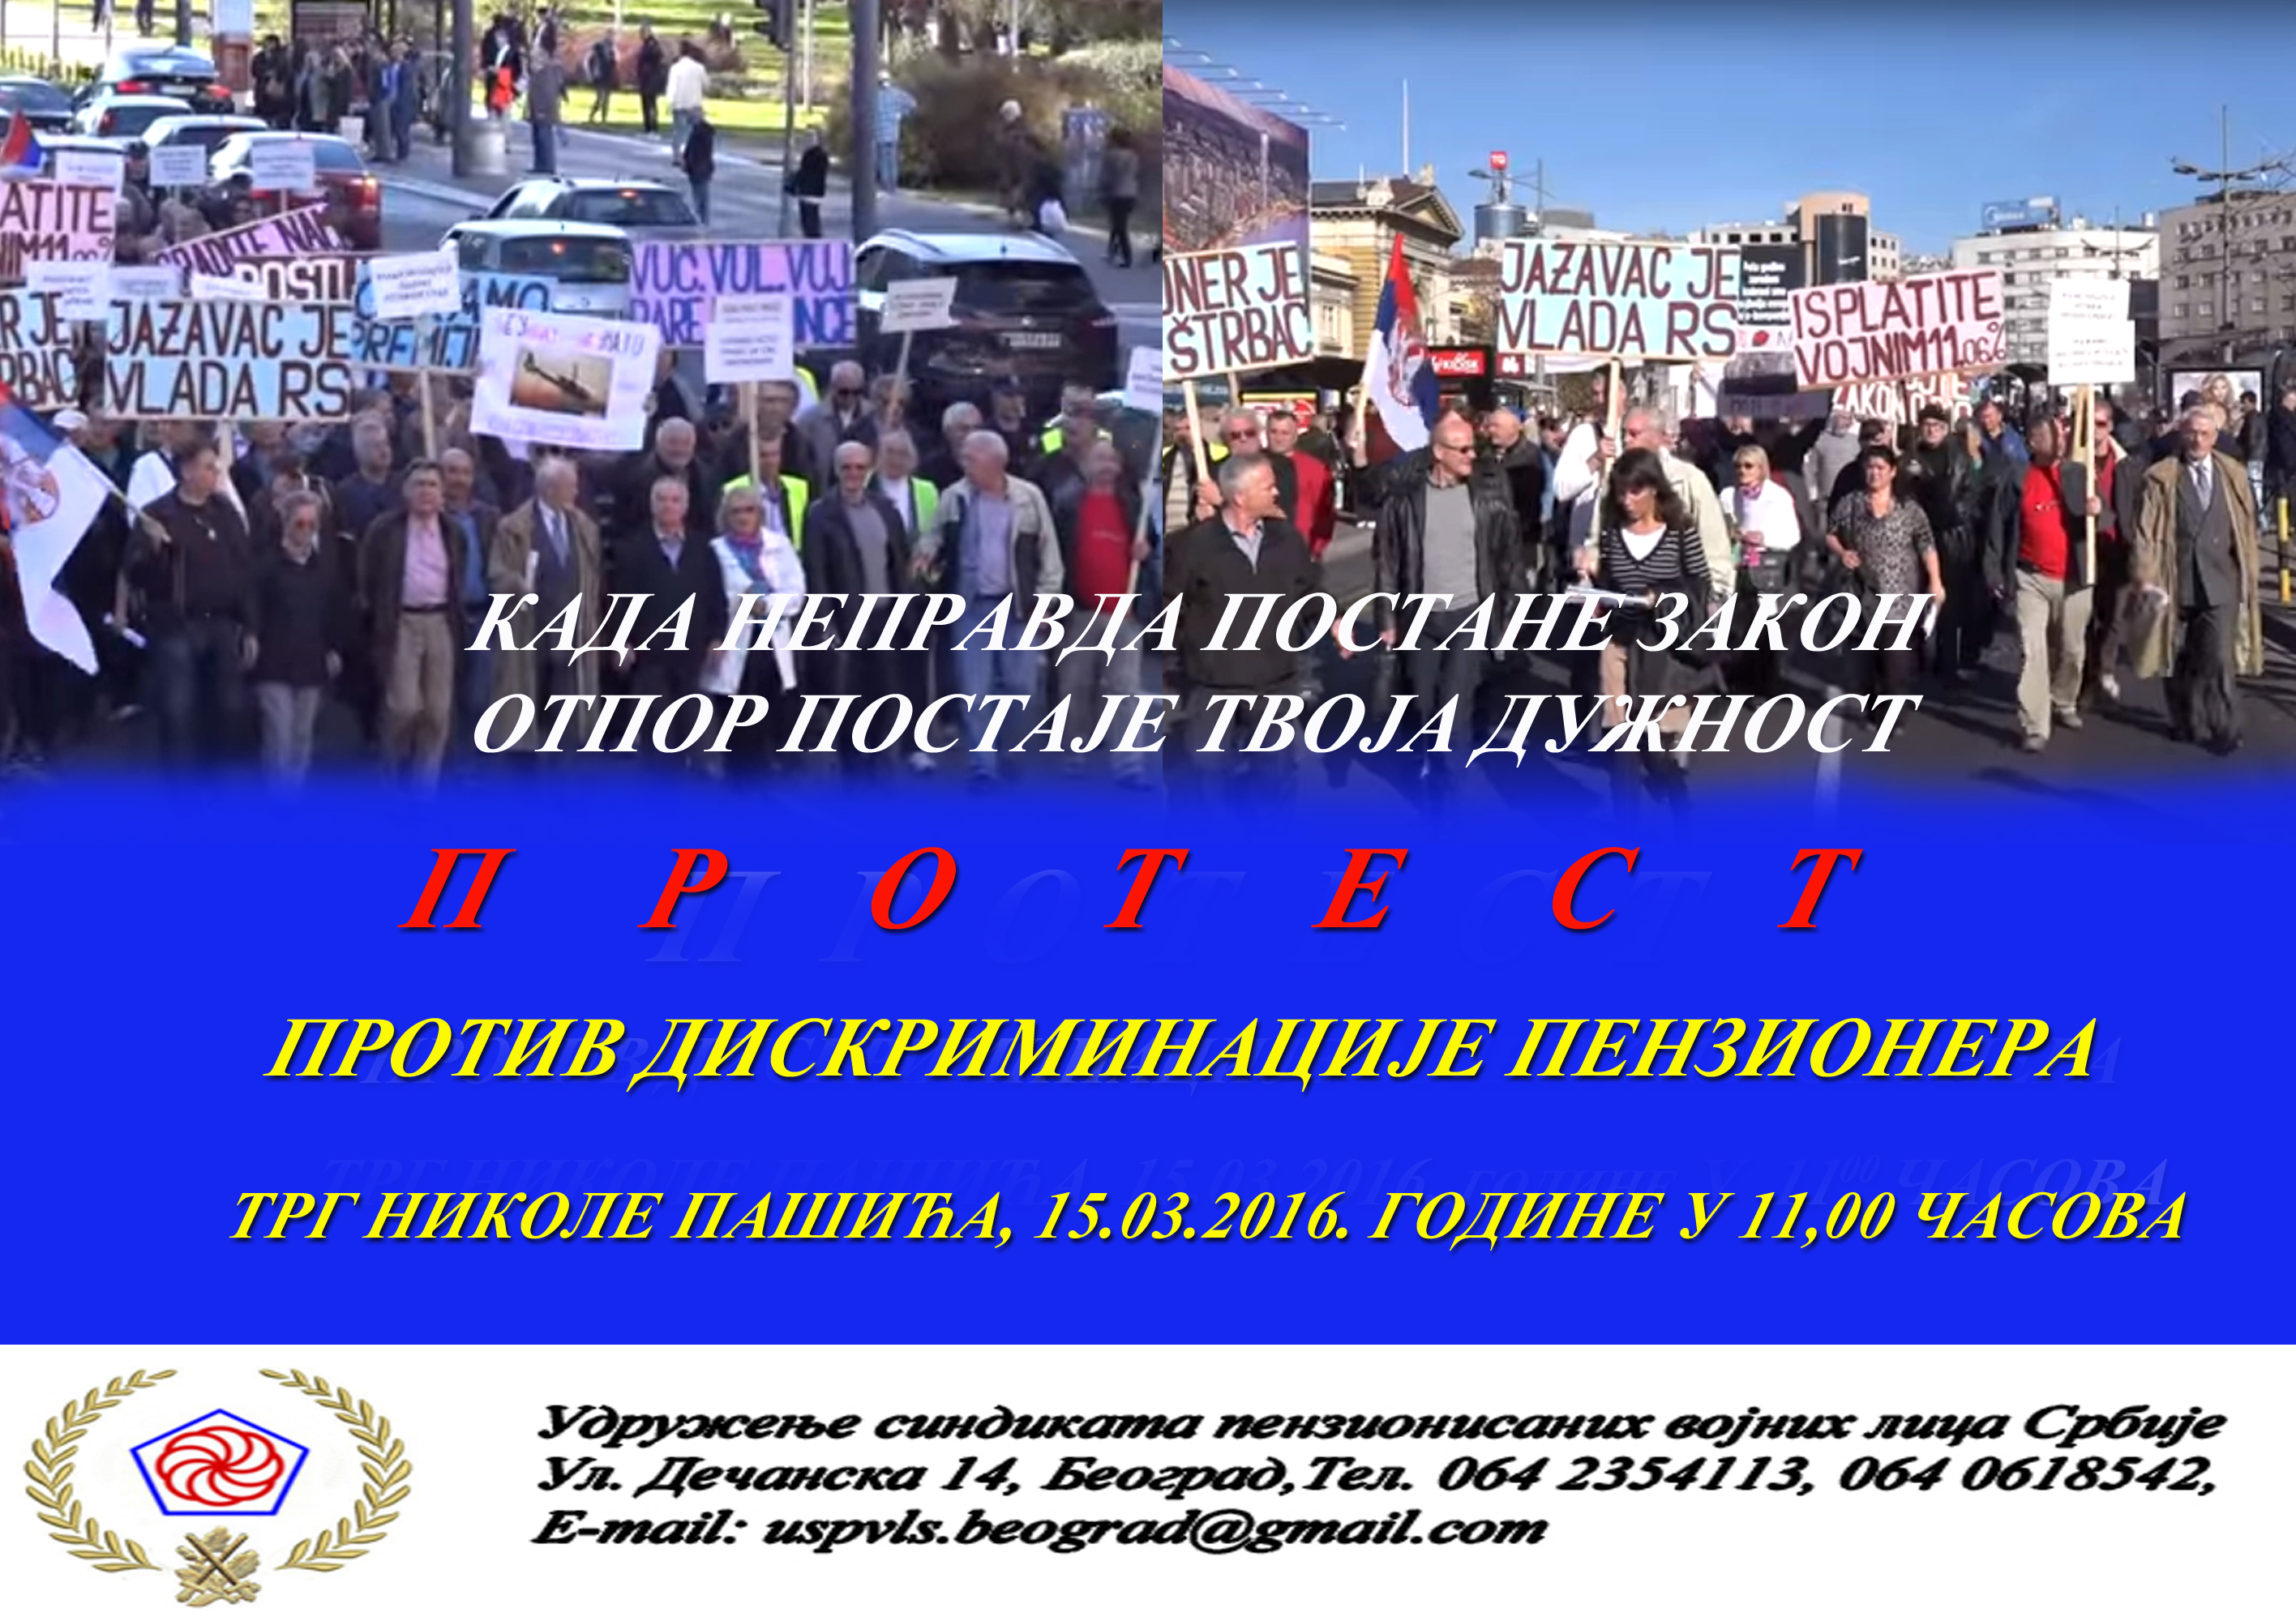 Zašto novi protesti penzionera? Jovan Tamburić, USPVLS